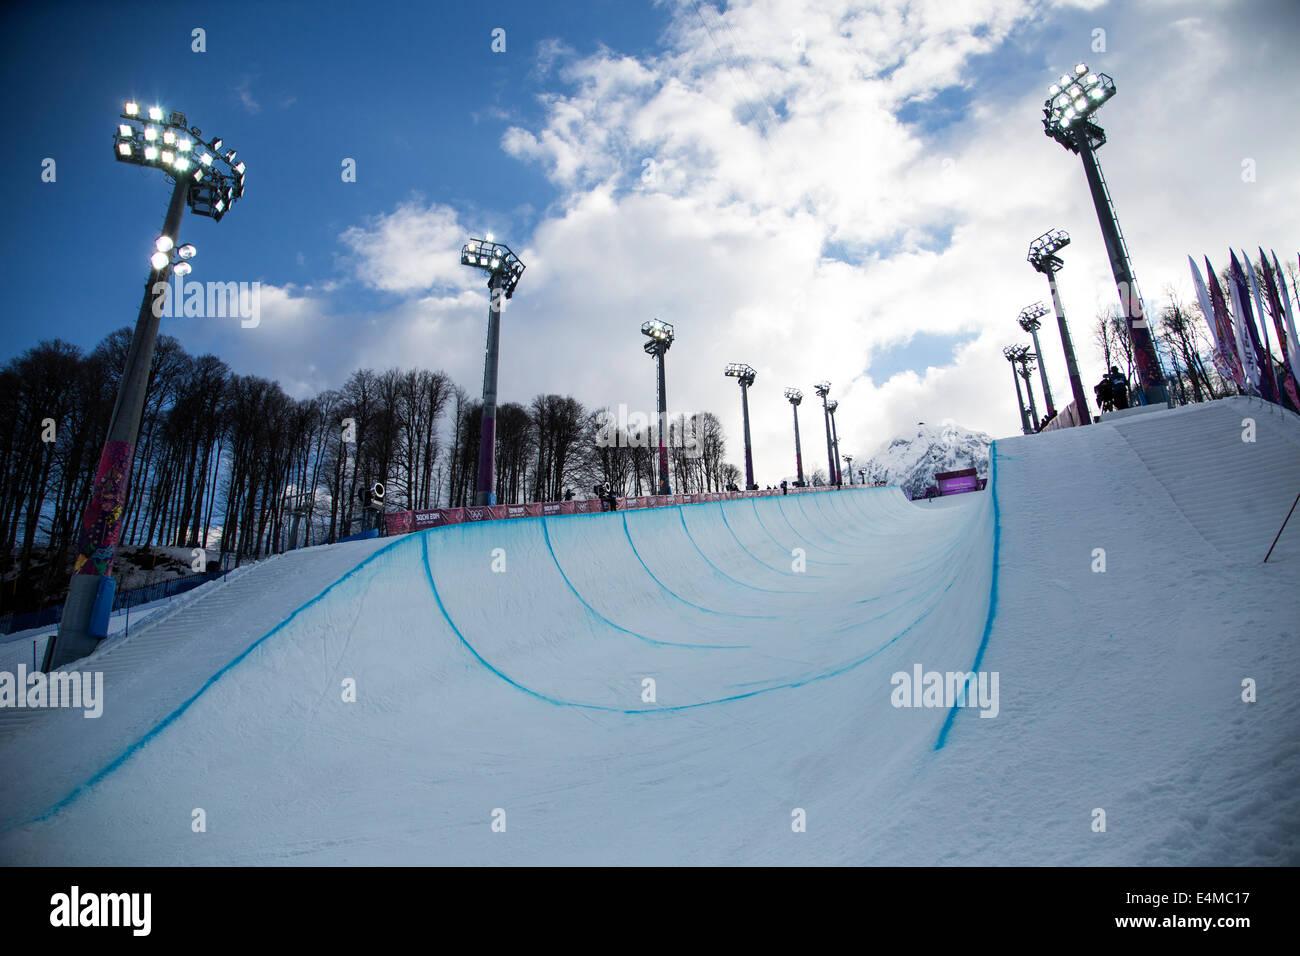 Snowboard Halfpipe En Rosa Khutor Parque Extremo En Los Juegos